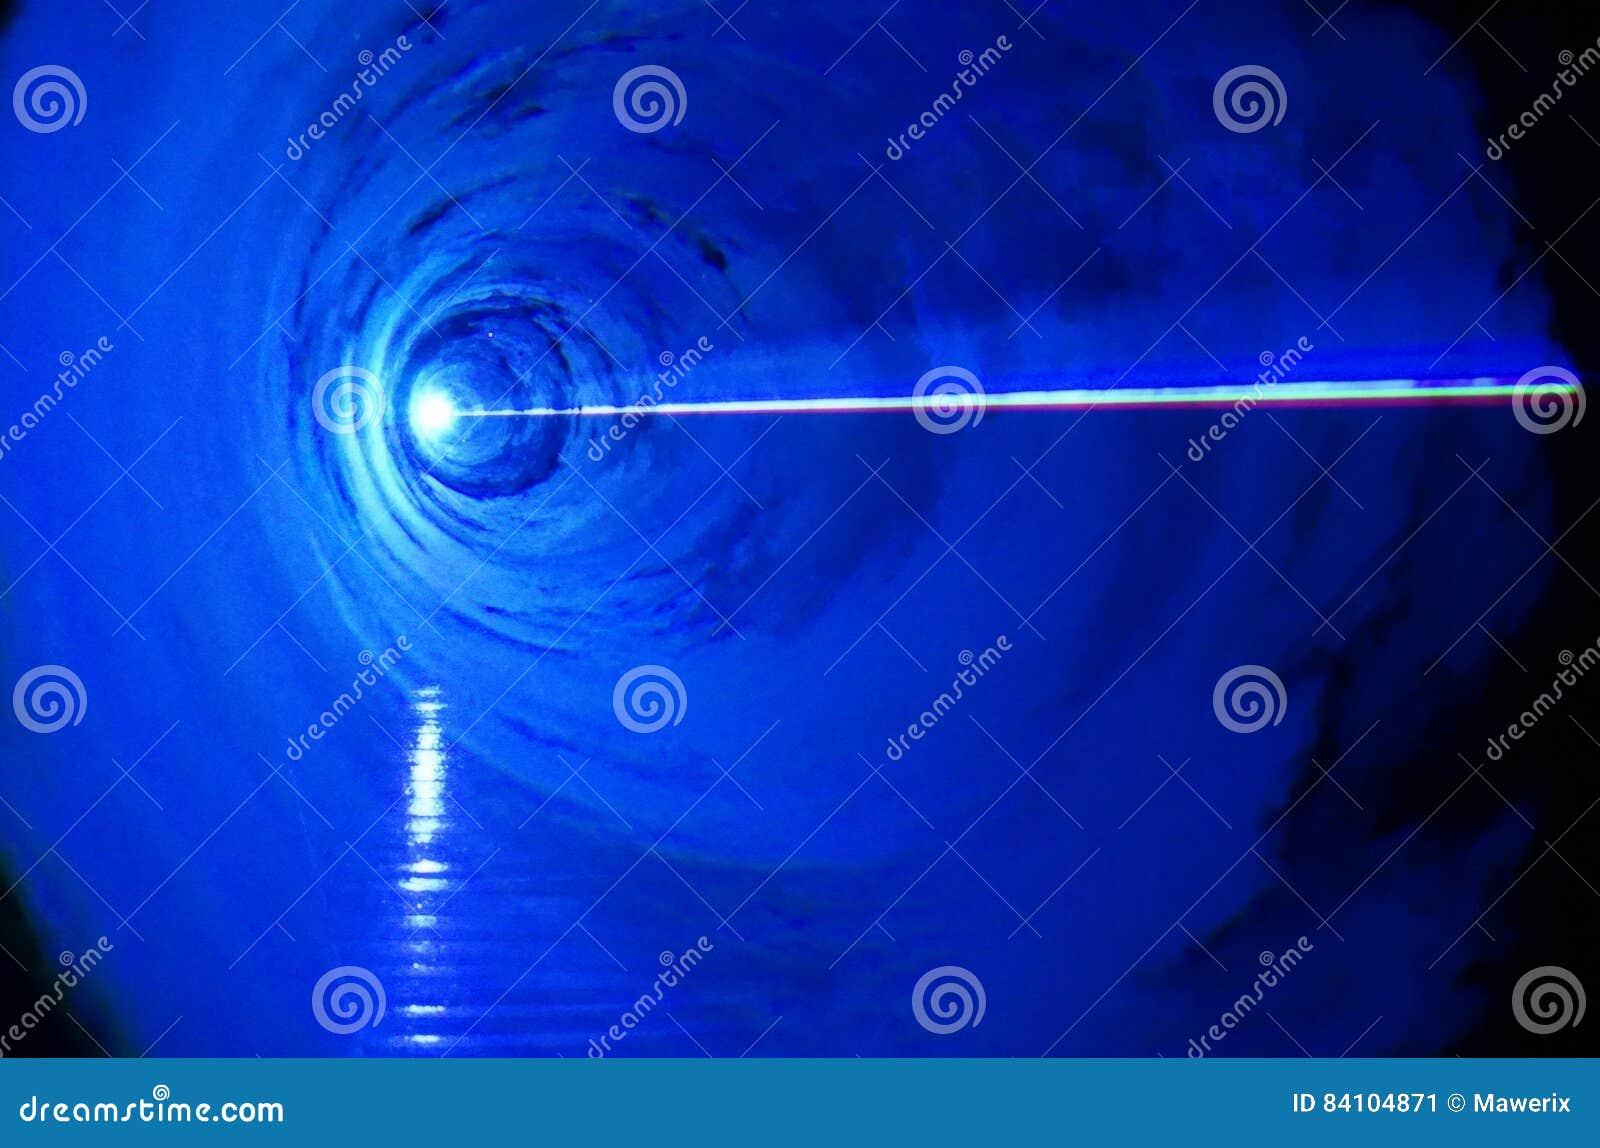 WOW - blue light effects